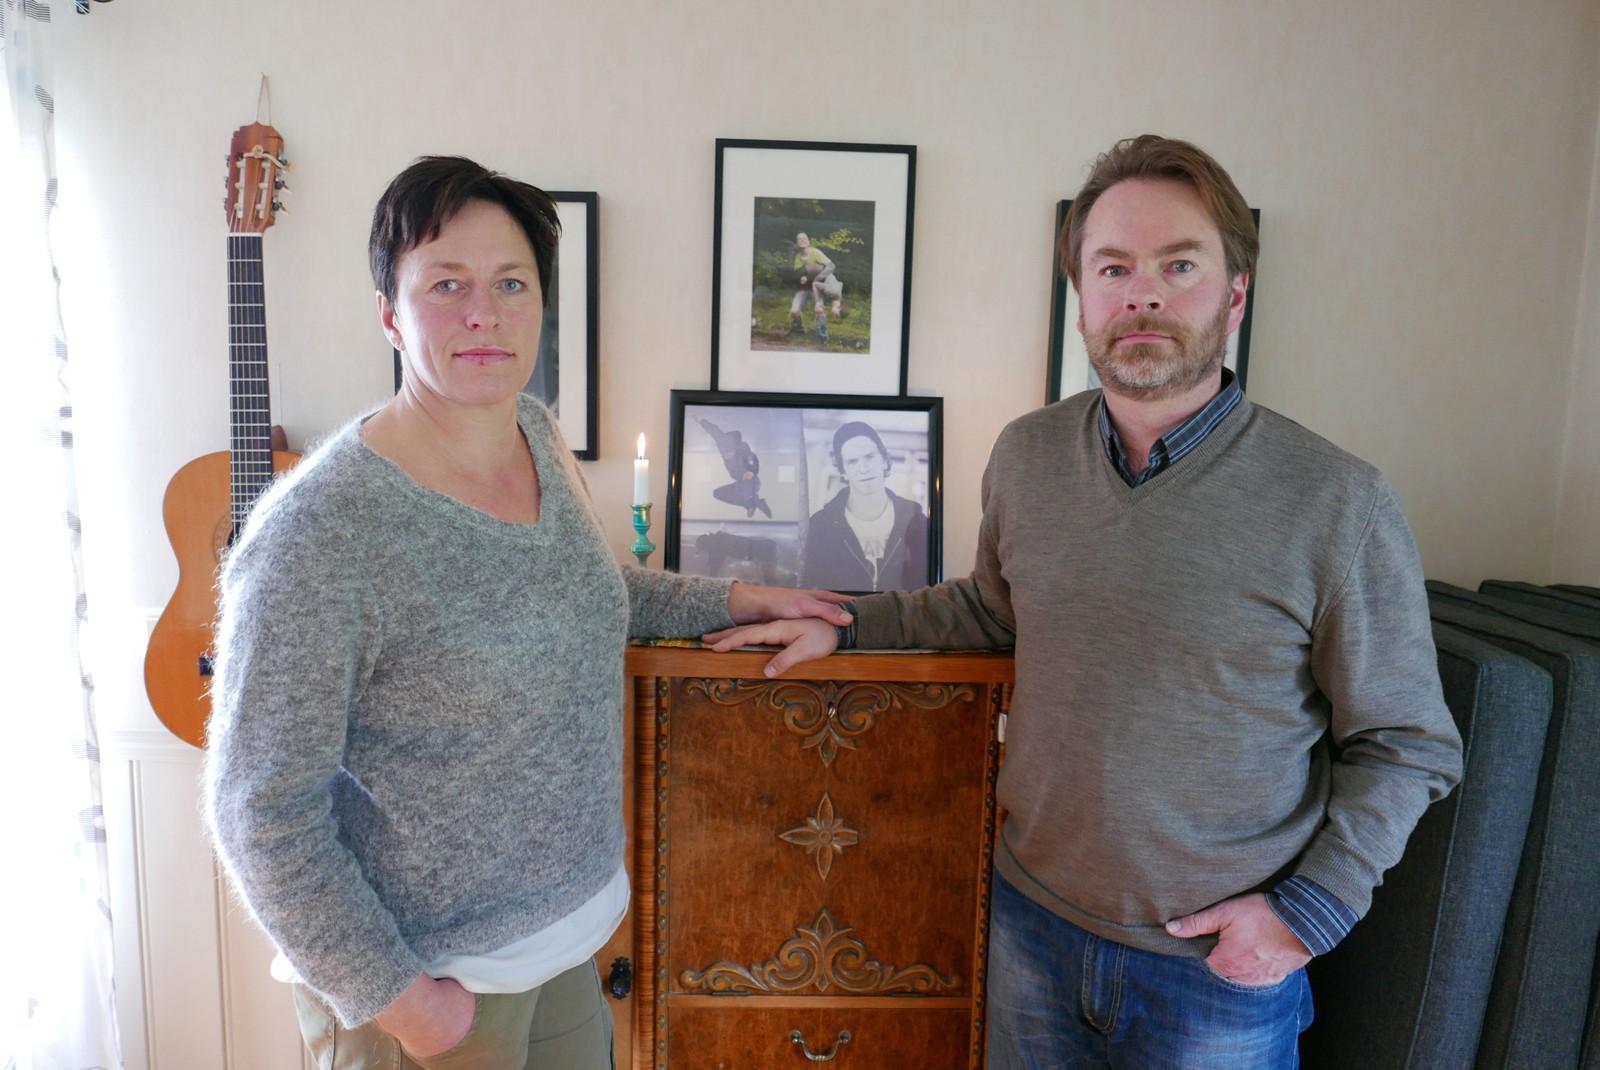 STORT SAVN: Trond Nikolaisen og Sigrun Omsland Nikolaisen mistet sønnen sin Petter. Sønnen ble bare 22 år gammel og savnet er stort.